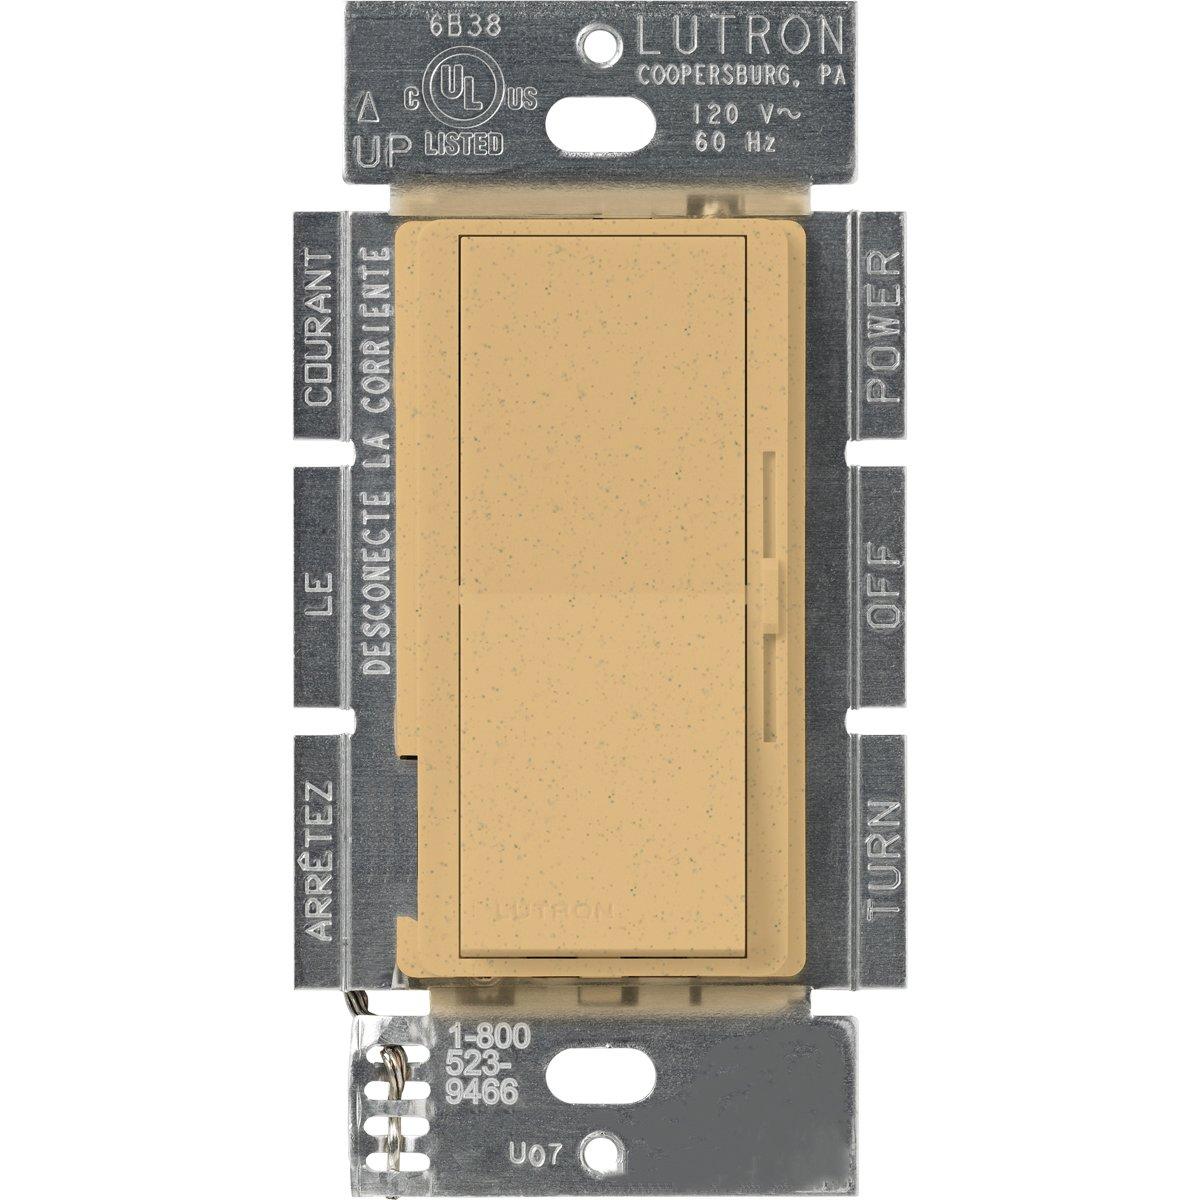 Lutron Diva 1000ワット 調光器 DVSC-10P-DS 1 B000MAPZNA Desert Stone Desert Stone